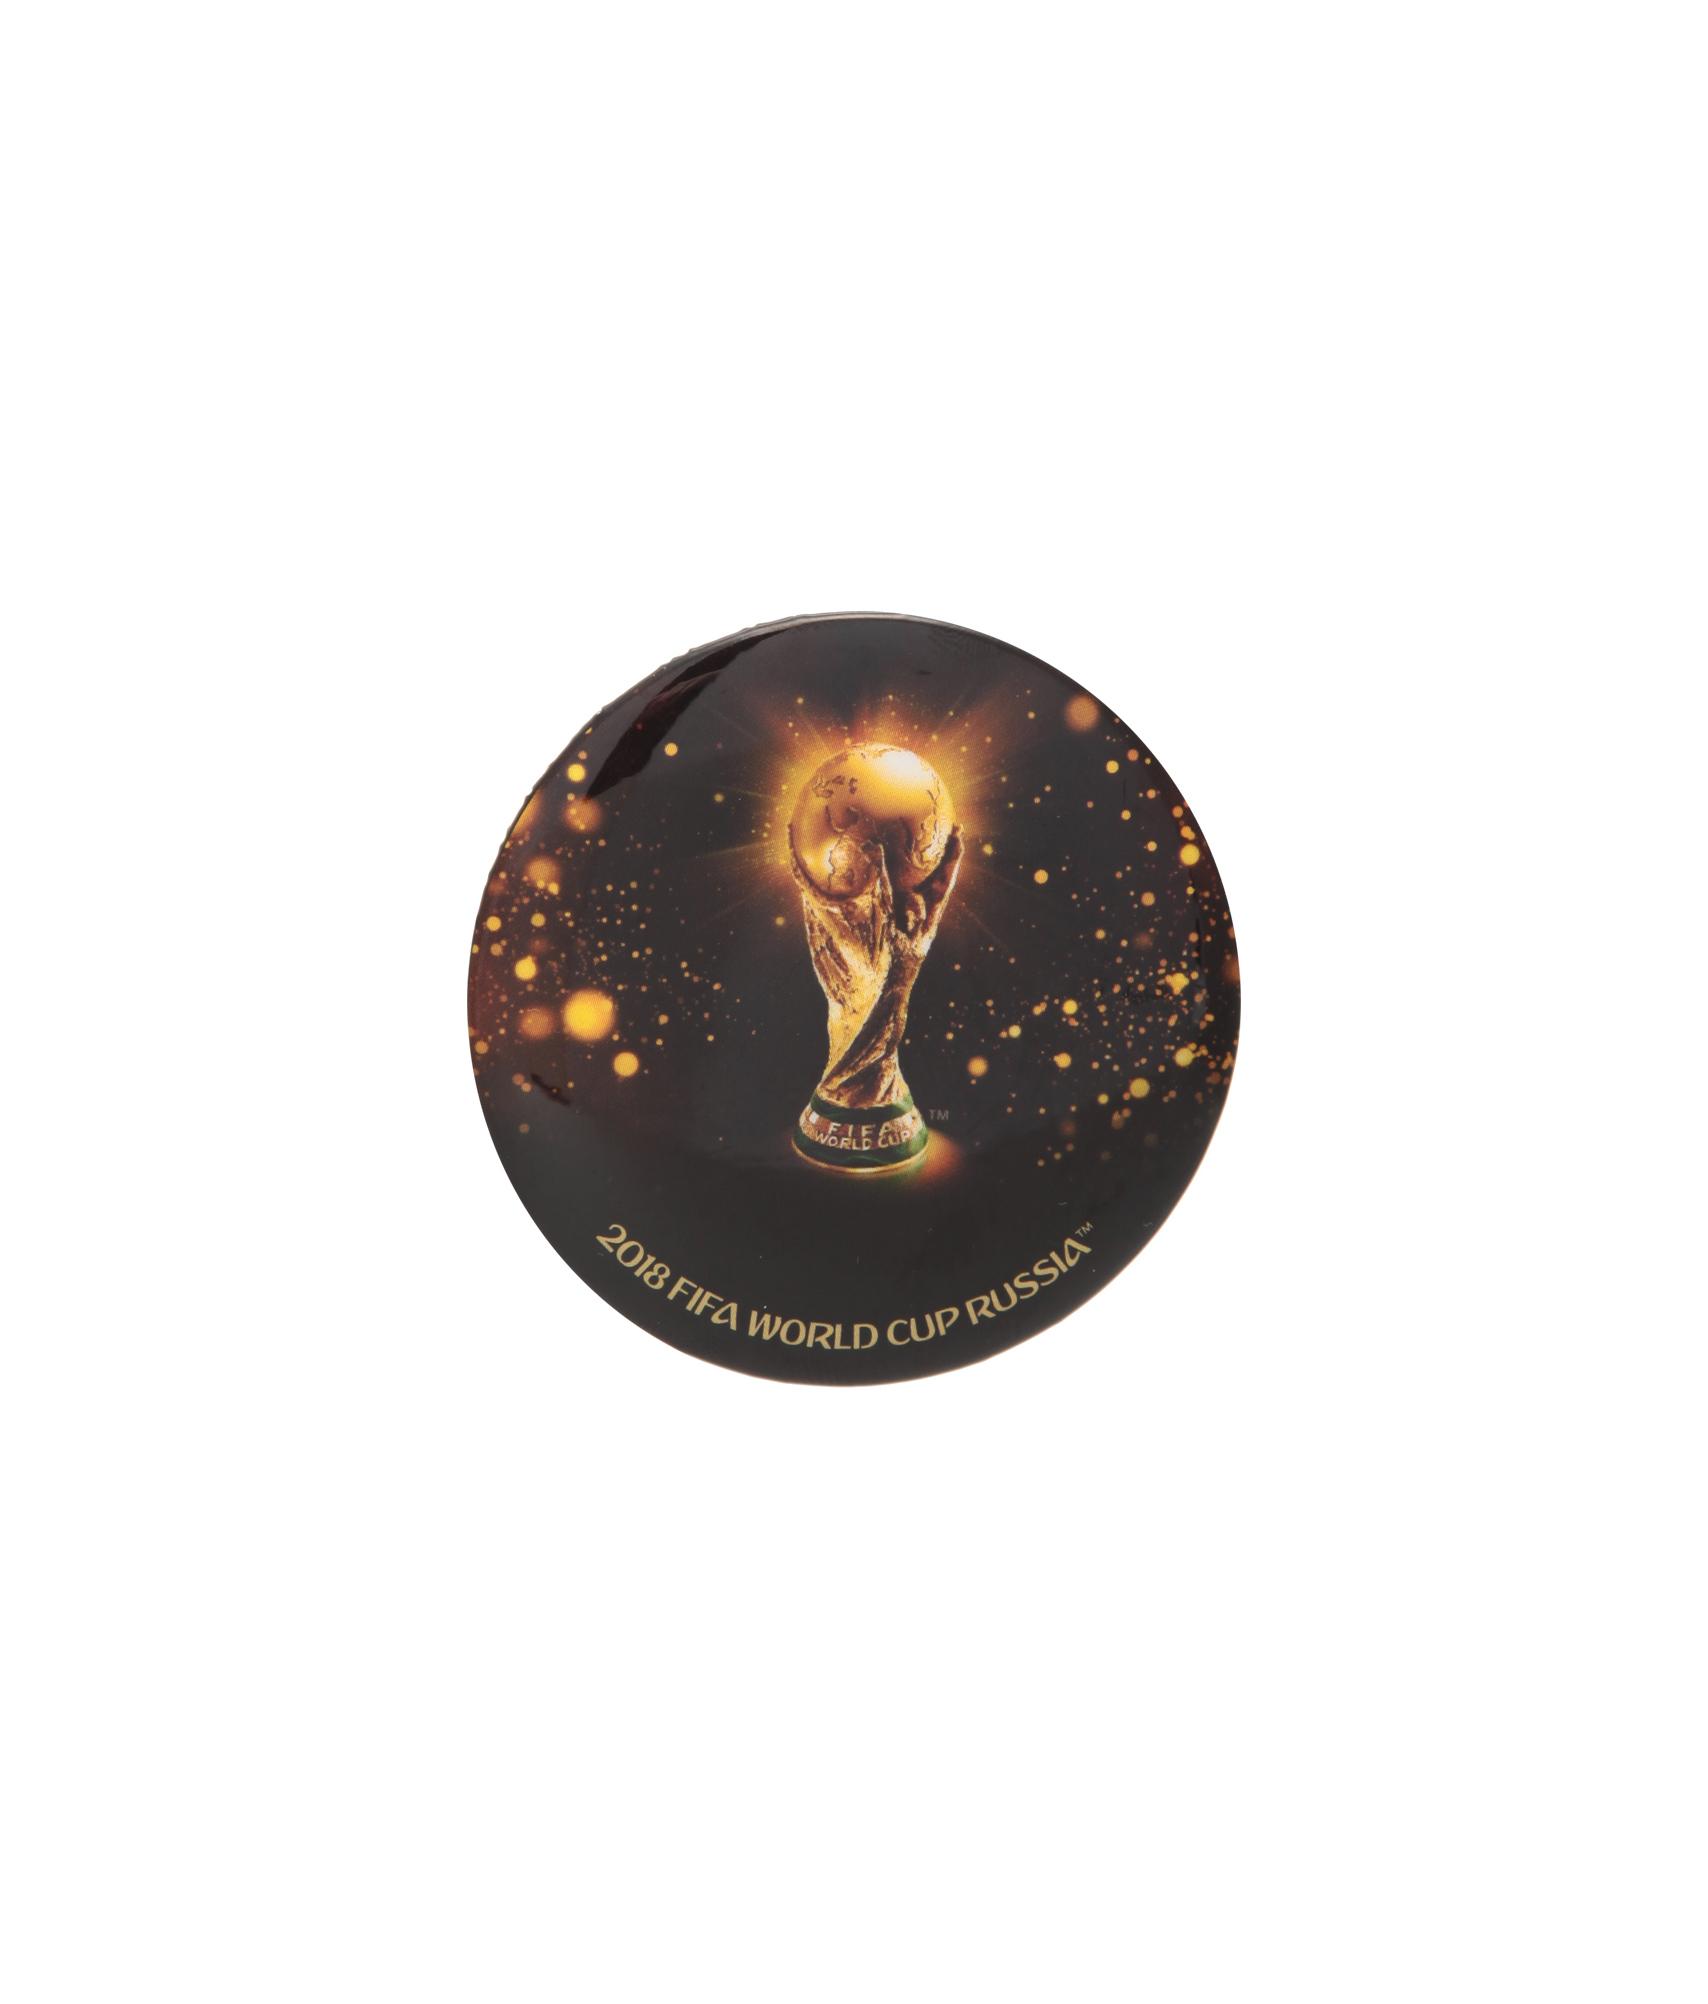 Значок закатной «Кубок мира» Зенит значок закатной эмблема чемпионата мира 2018 зенит